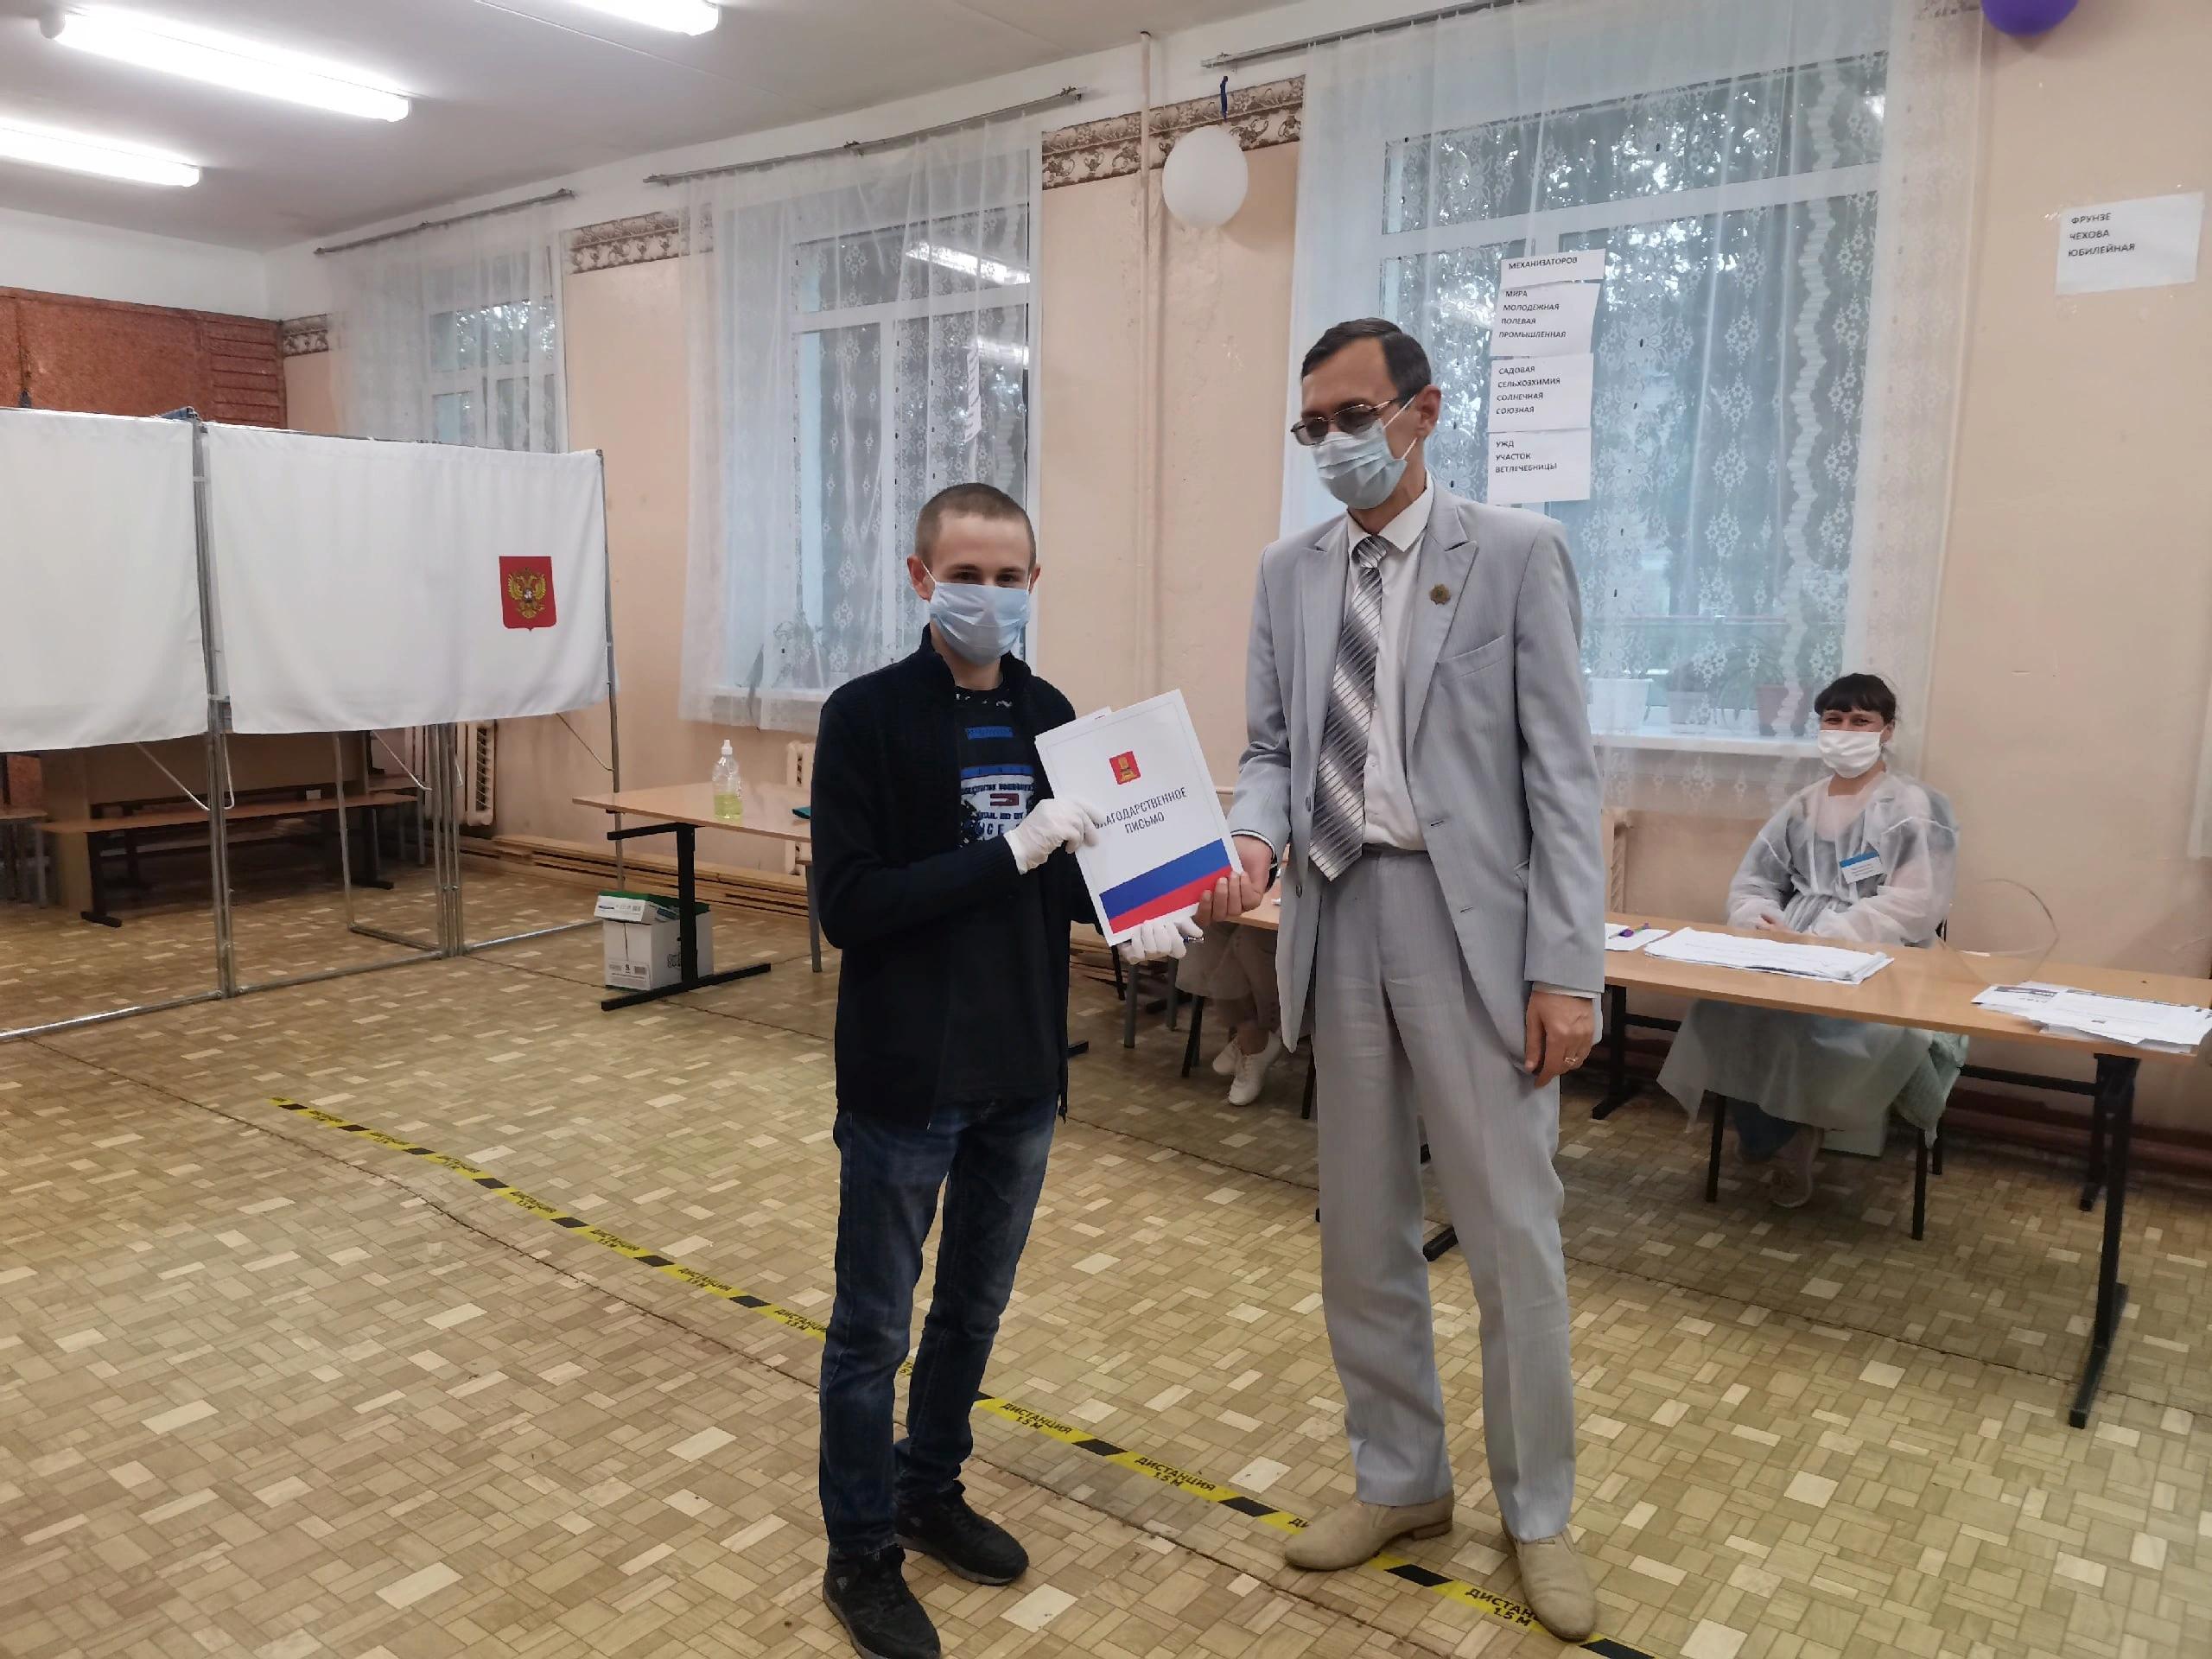 Хроники голосования: Глава района Тверской области проверил работу участков для голосования